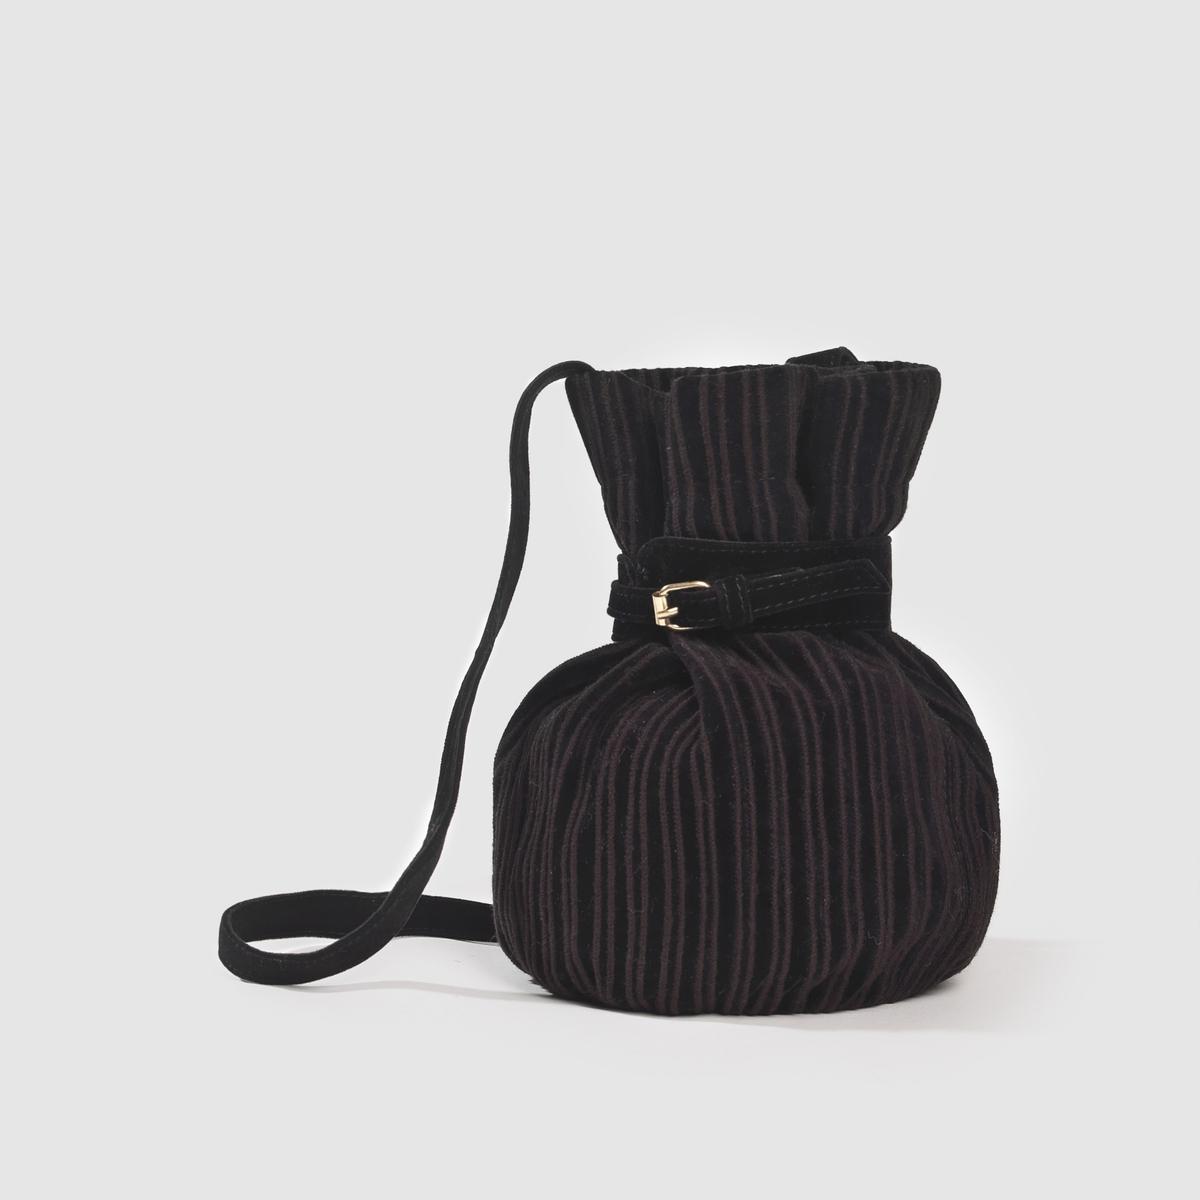 Сумка из черного велюраПреимущества: роскошная и оригинальная сумка в форме груши, в осовремененном стиле нео-ретро с вертикальной ребристой поверхностью и ремешком на пряжке, не используемым в этой стилистике .<br><br>Цвет: черный<br>Размер: единый размер